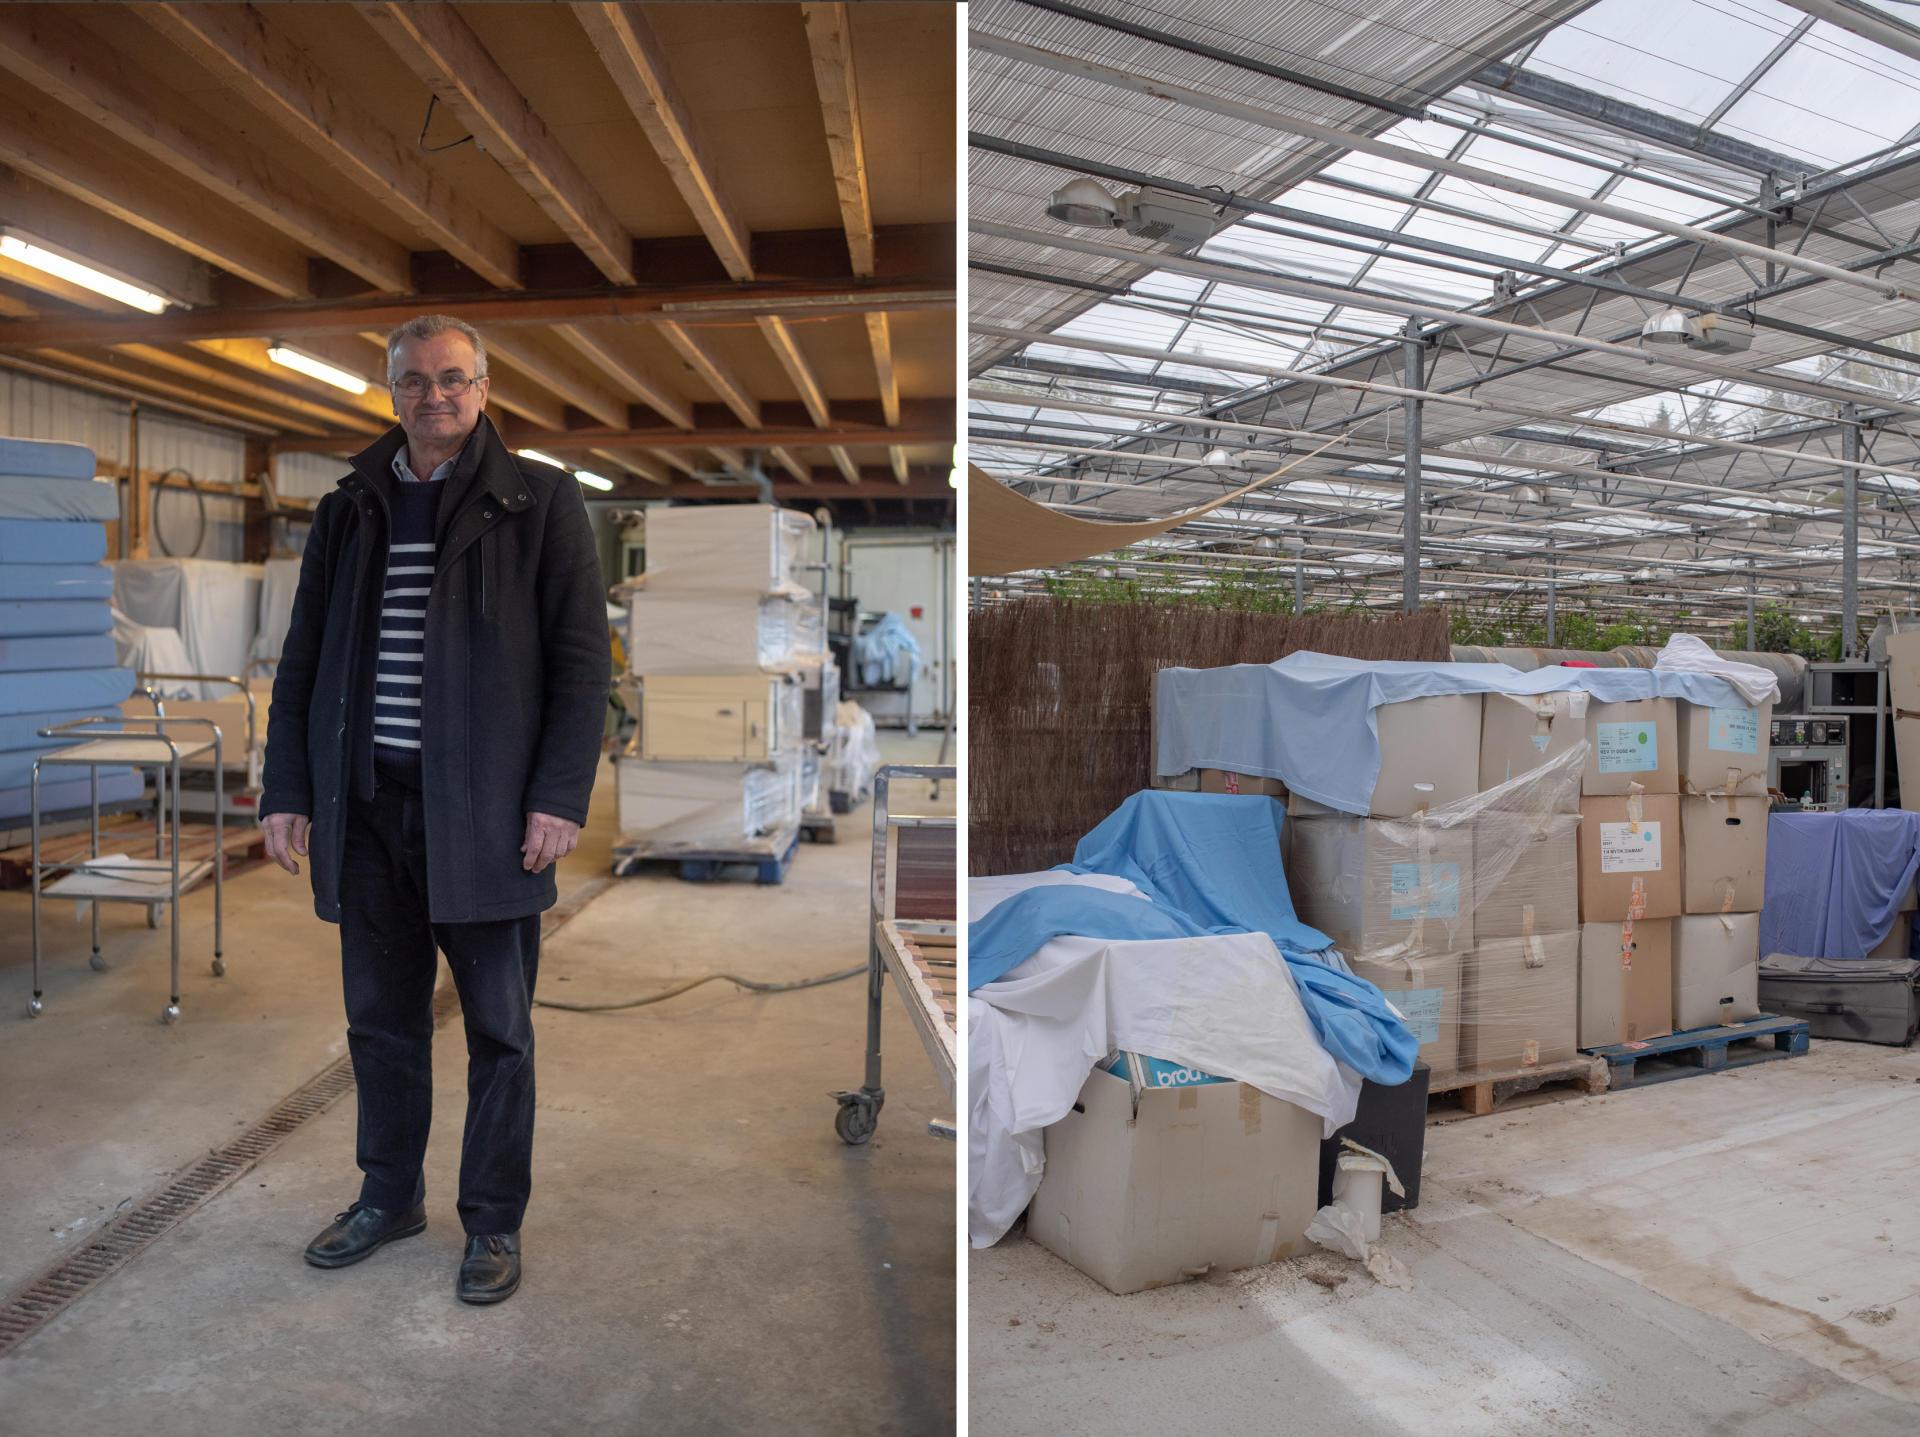 Samy Zbib travaille dans l'import-export. Il a récupéré du matériel médical après la fermeture d'une clinique à Landerneau. Il en a fait don au centre de Saint-Renan – Guilers, le 28 mars.